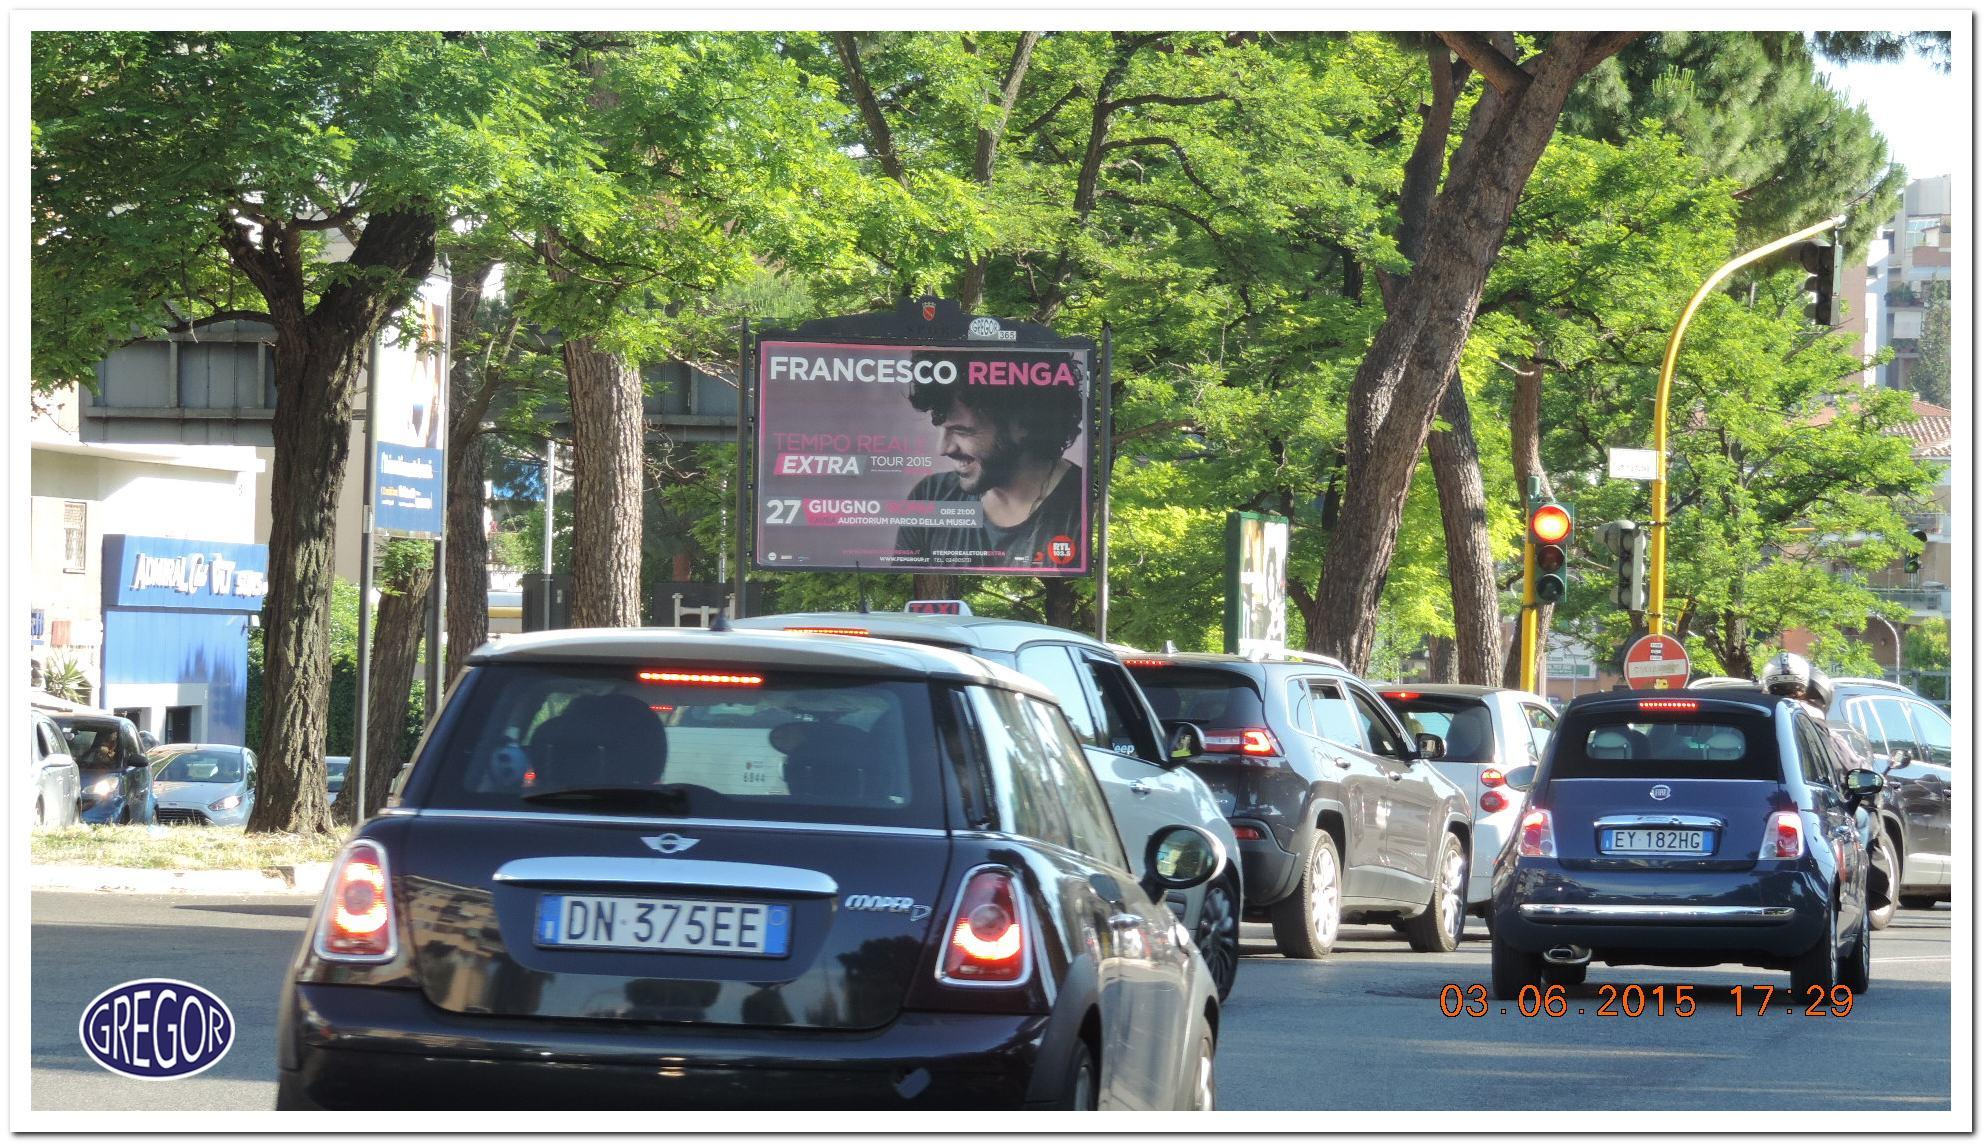 CORSO FRANCIA C.365